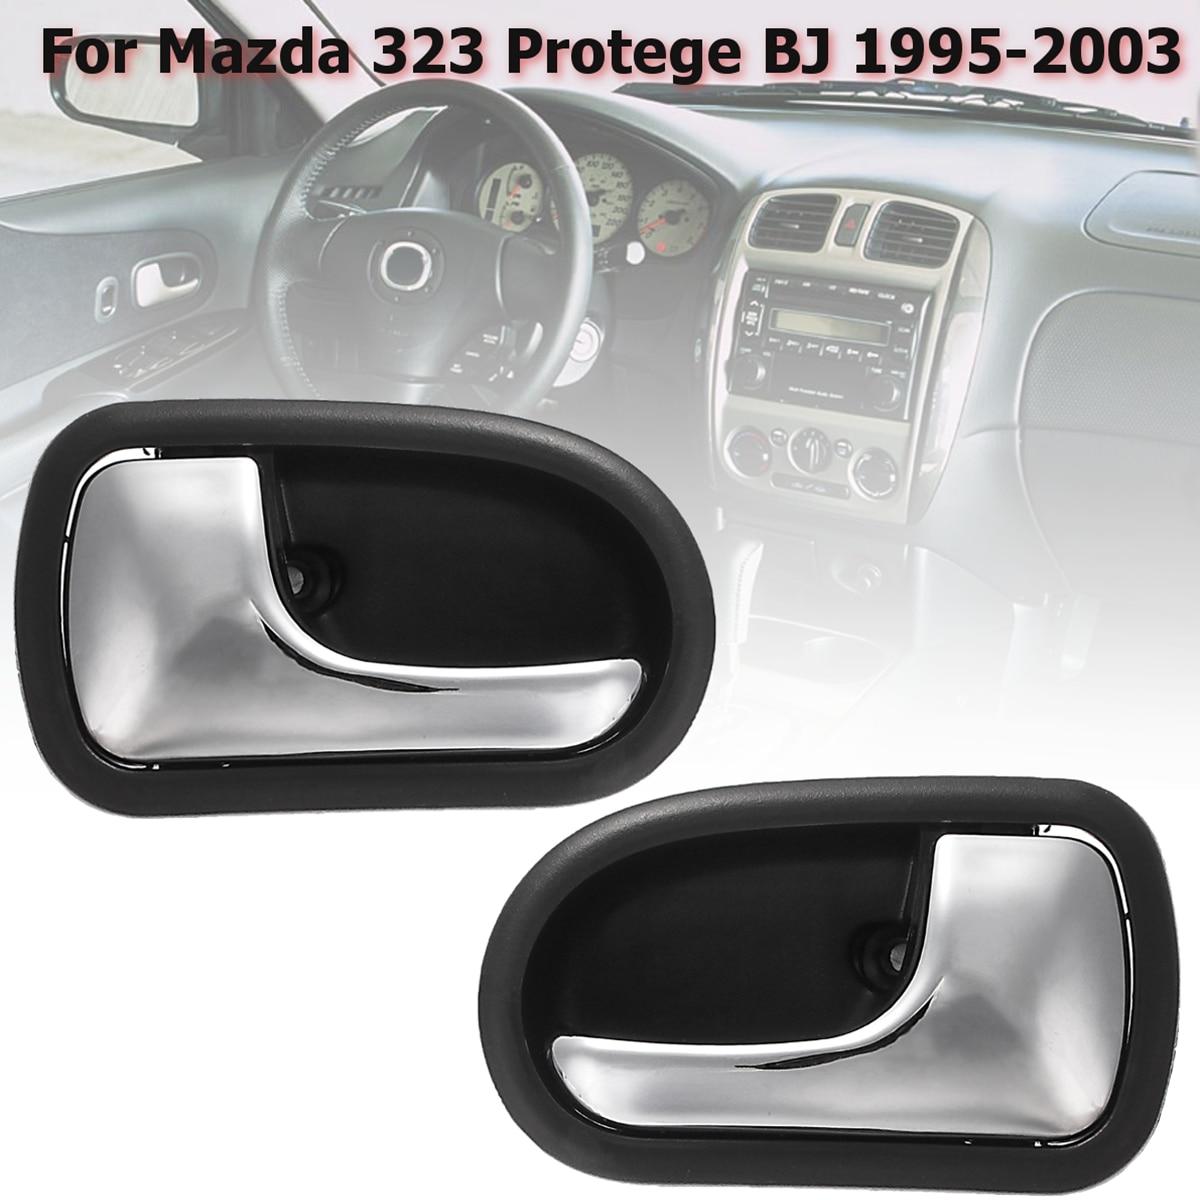 Левая Правая Автомобильная Передняя Задняя хромированная внутренняя дверная ручка для Mazda 323 Protege BJ 1995 1996 1997 1998 1999 2000 2001 2002 2003